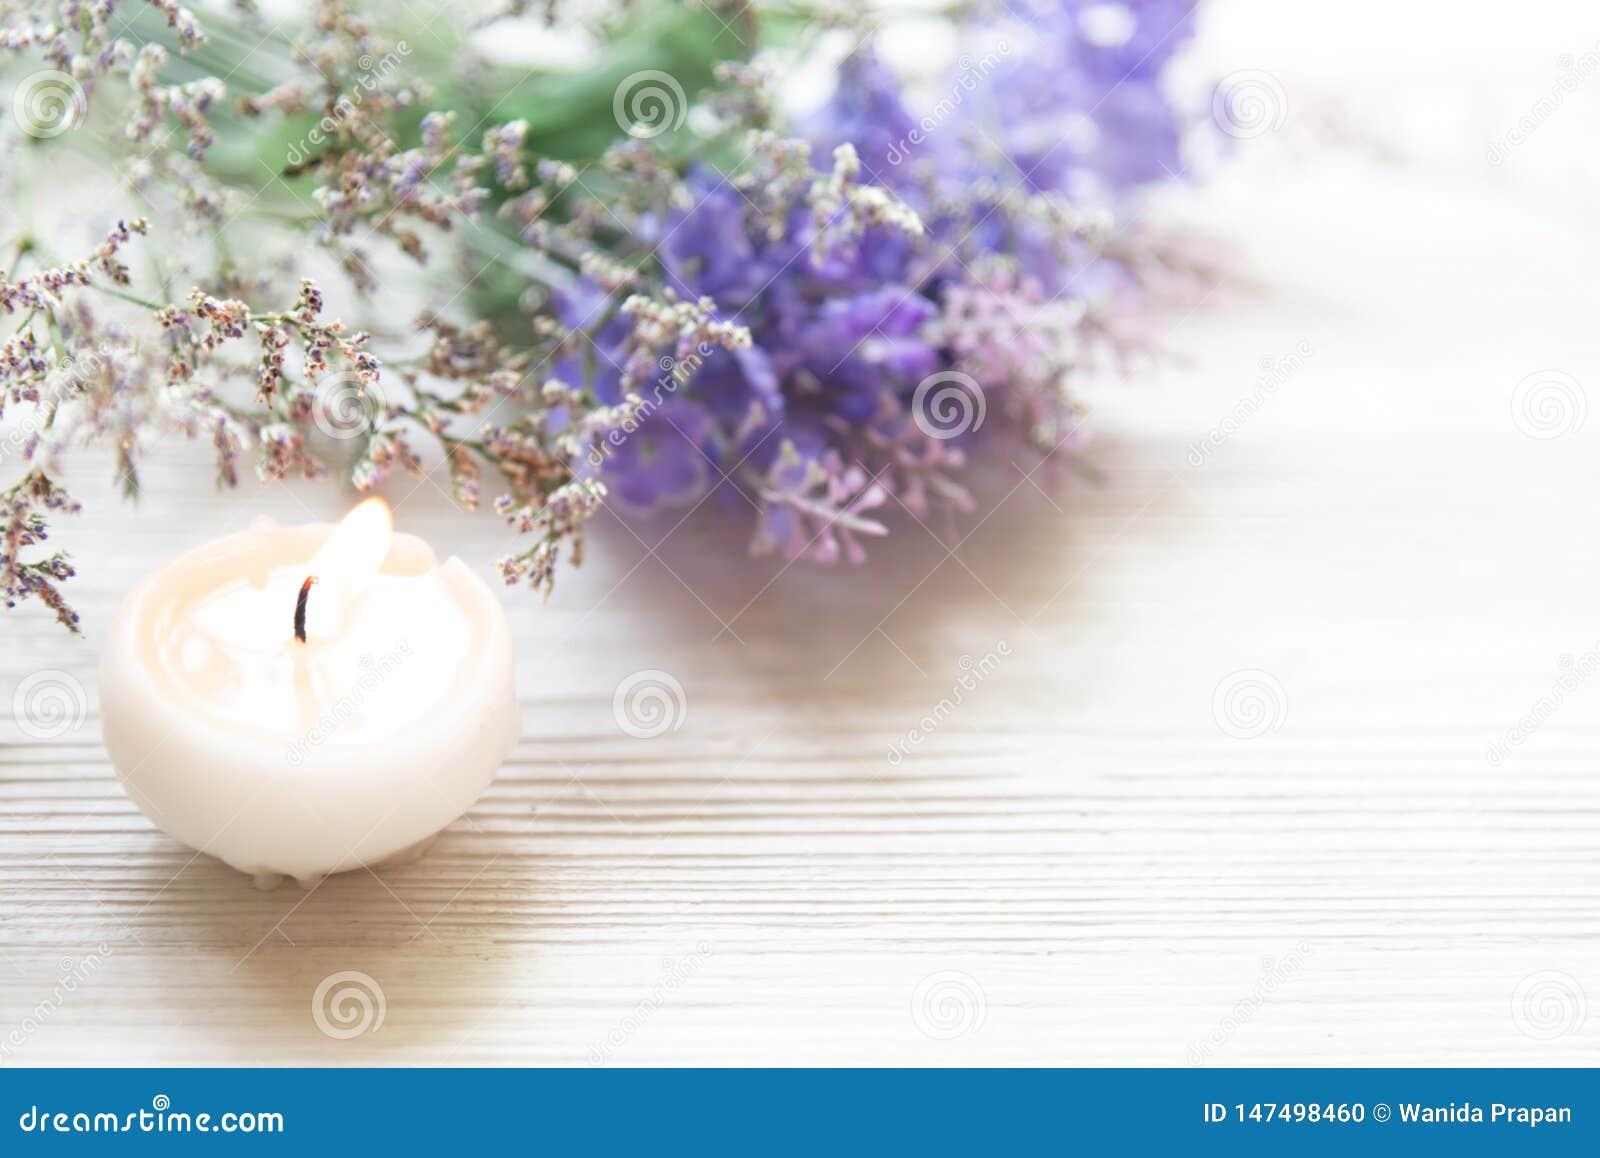 Stazione termale di aromaterapia della lavanda con la candela La stazione termale tailandese si rilassa i trattamenti e massaggia